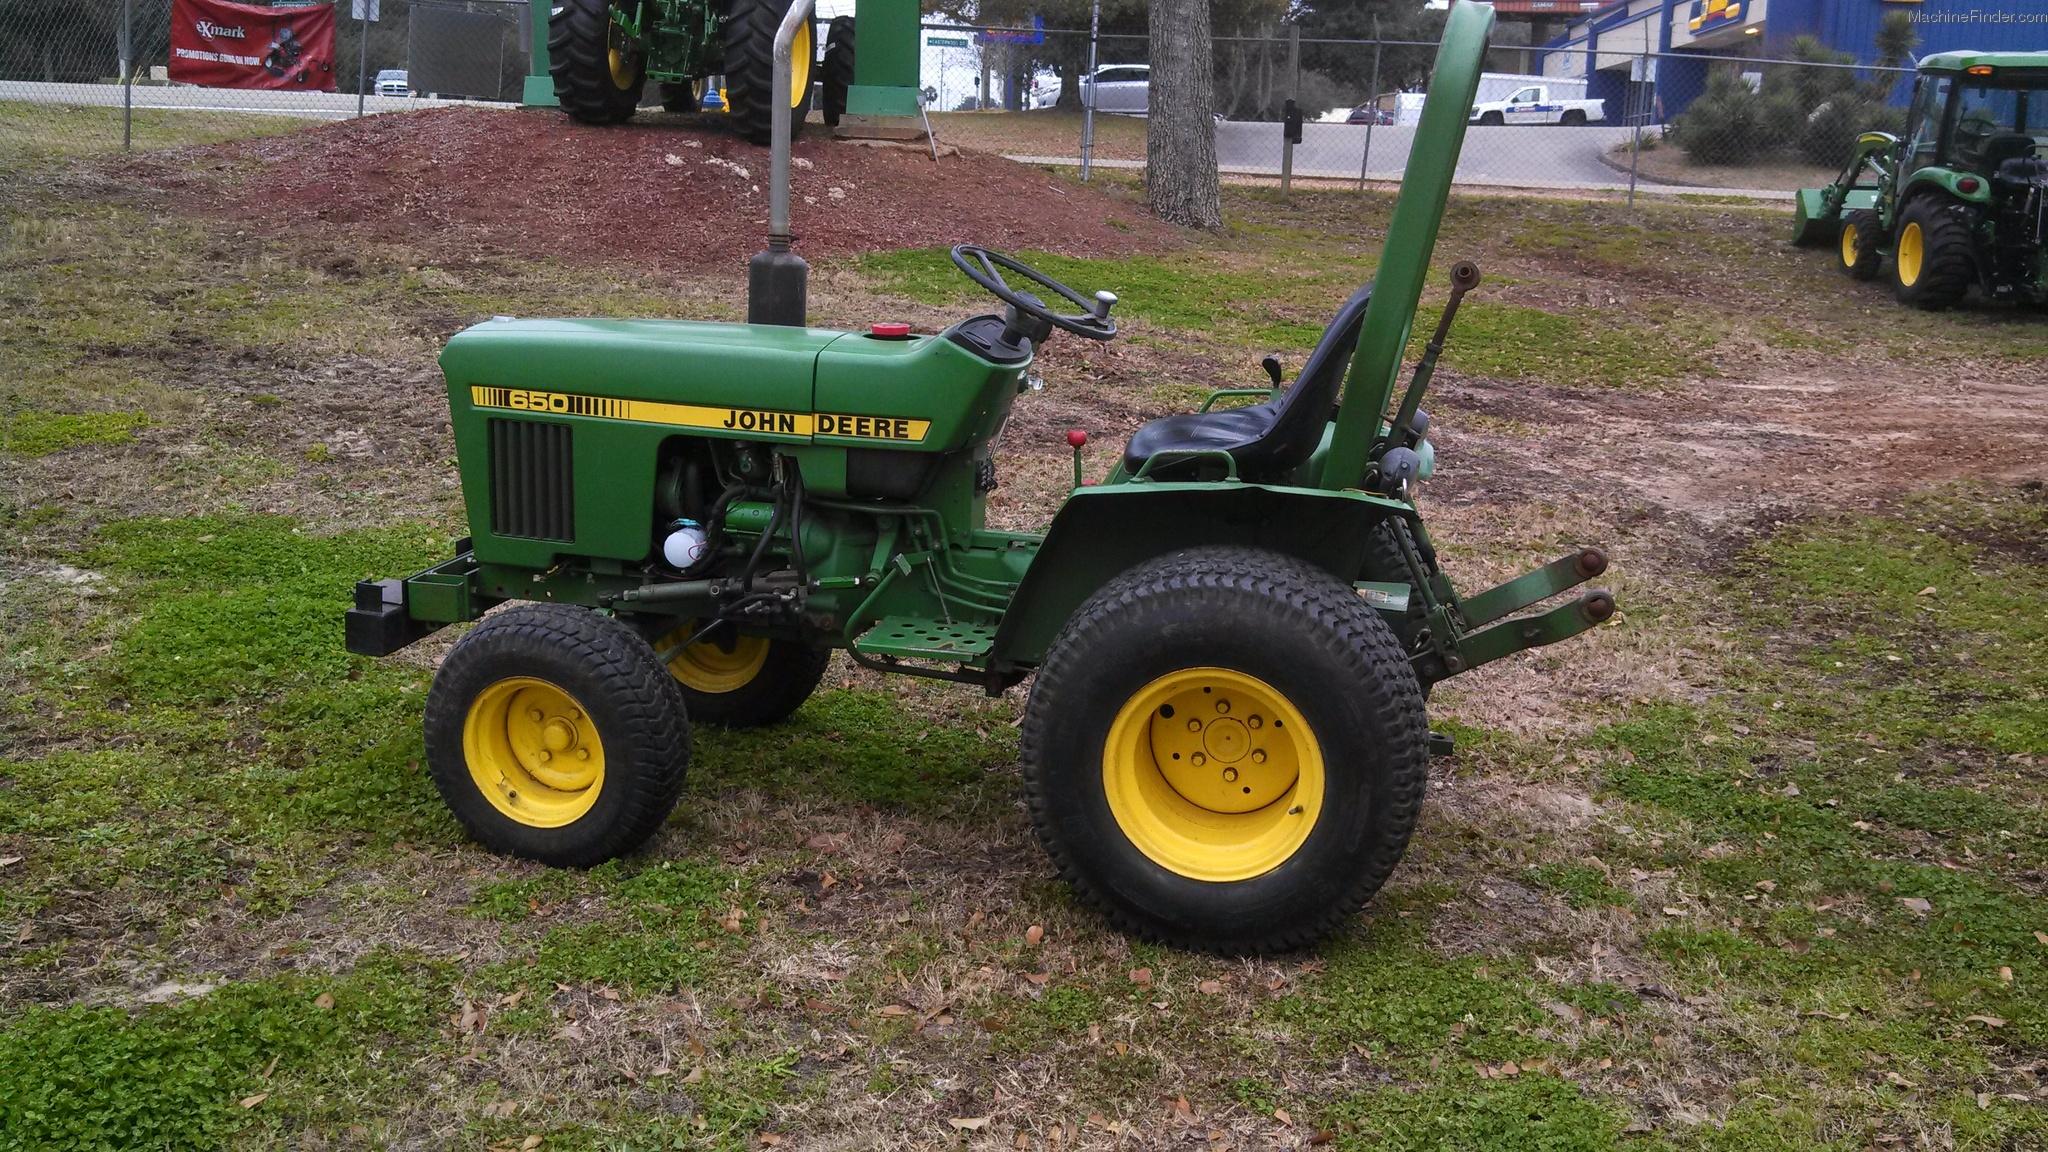 John Deere 650 Tractors - Compact (1-40hp.) - John Deere ...